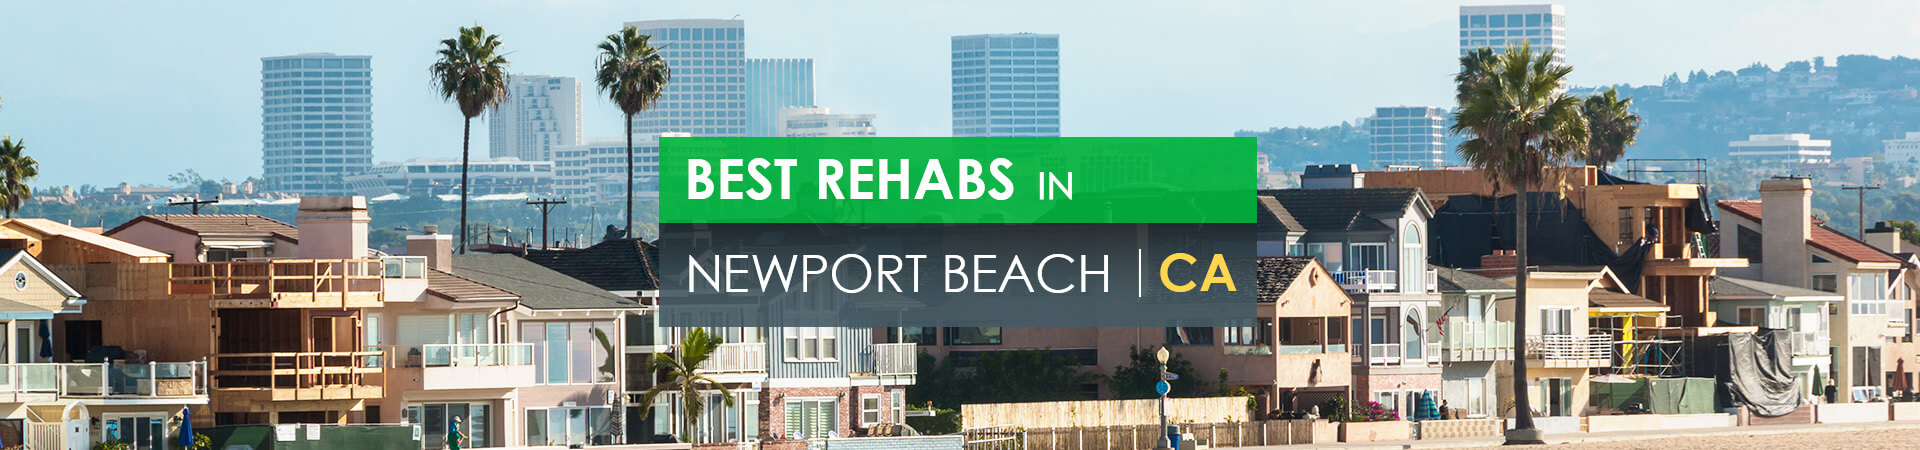 Best rehabs in Newport Beach, CA